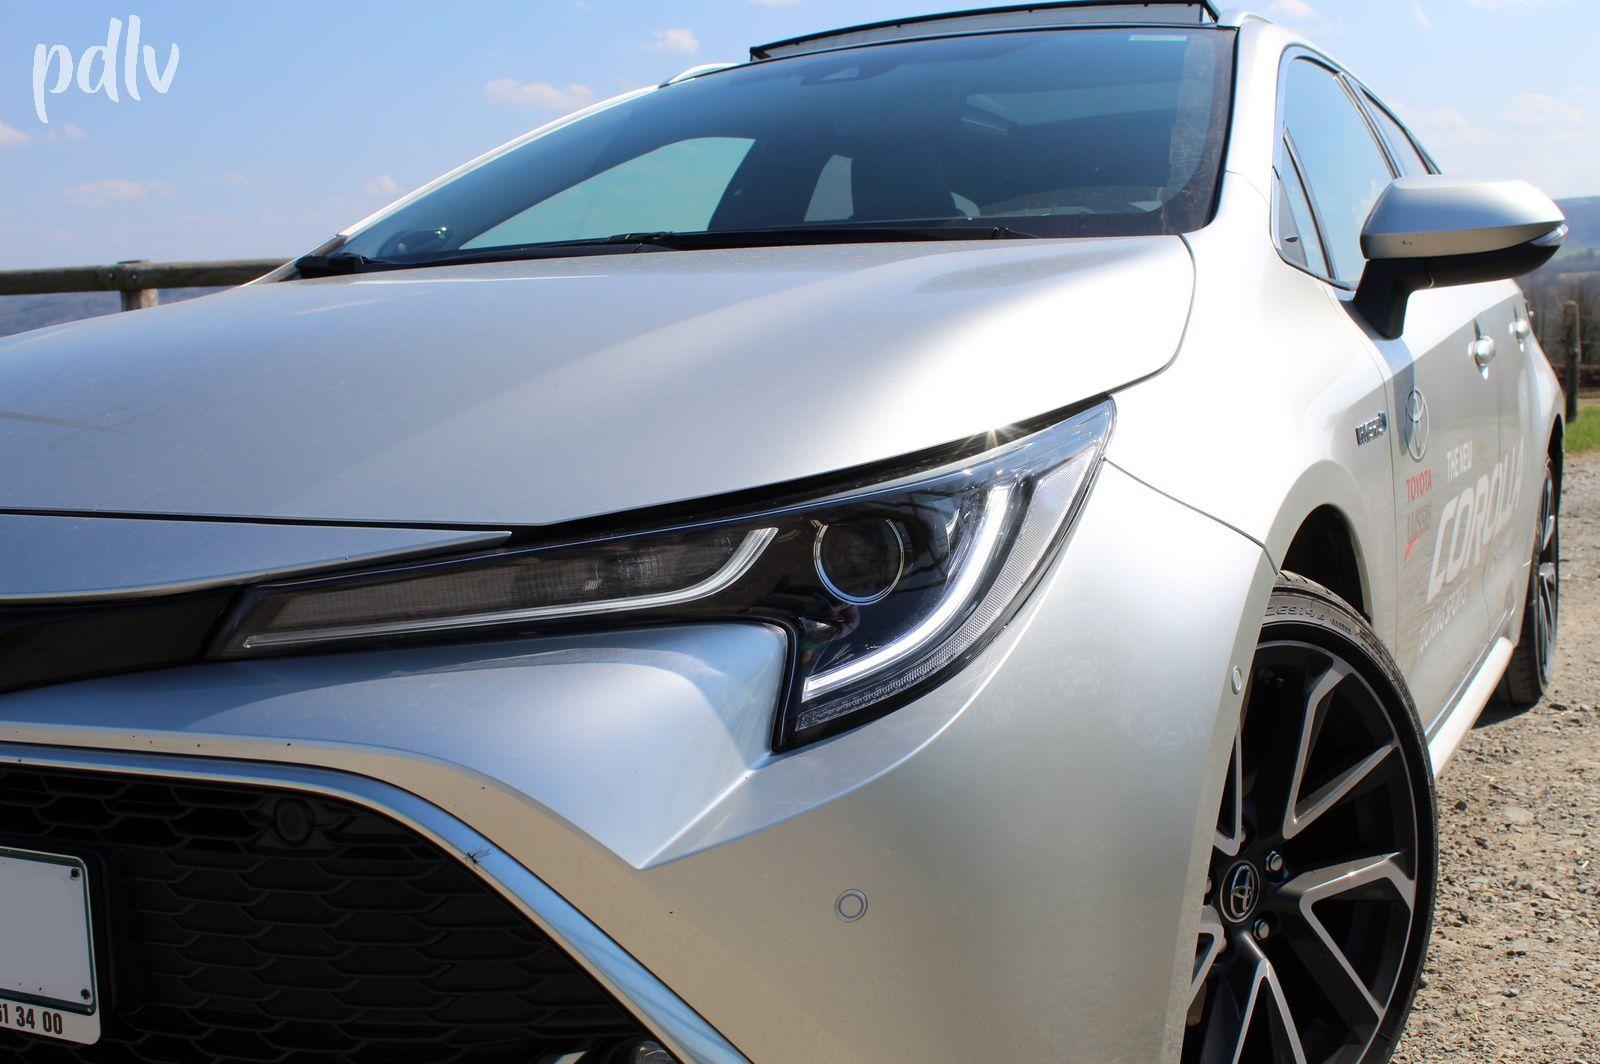 La saison de la chasse aux moustiques et autres insectes a été inaugurée par la Toyota Corolla !